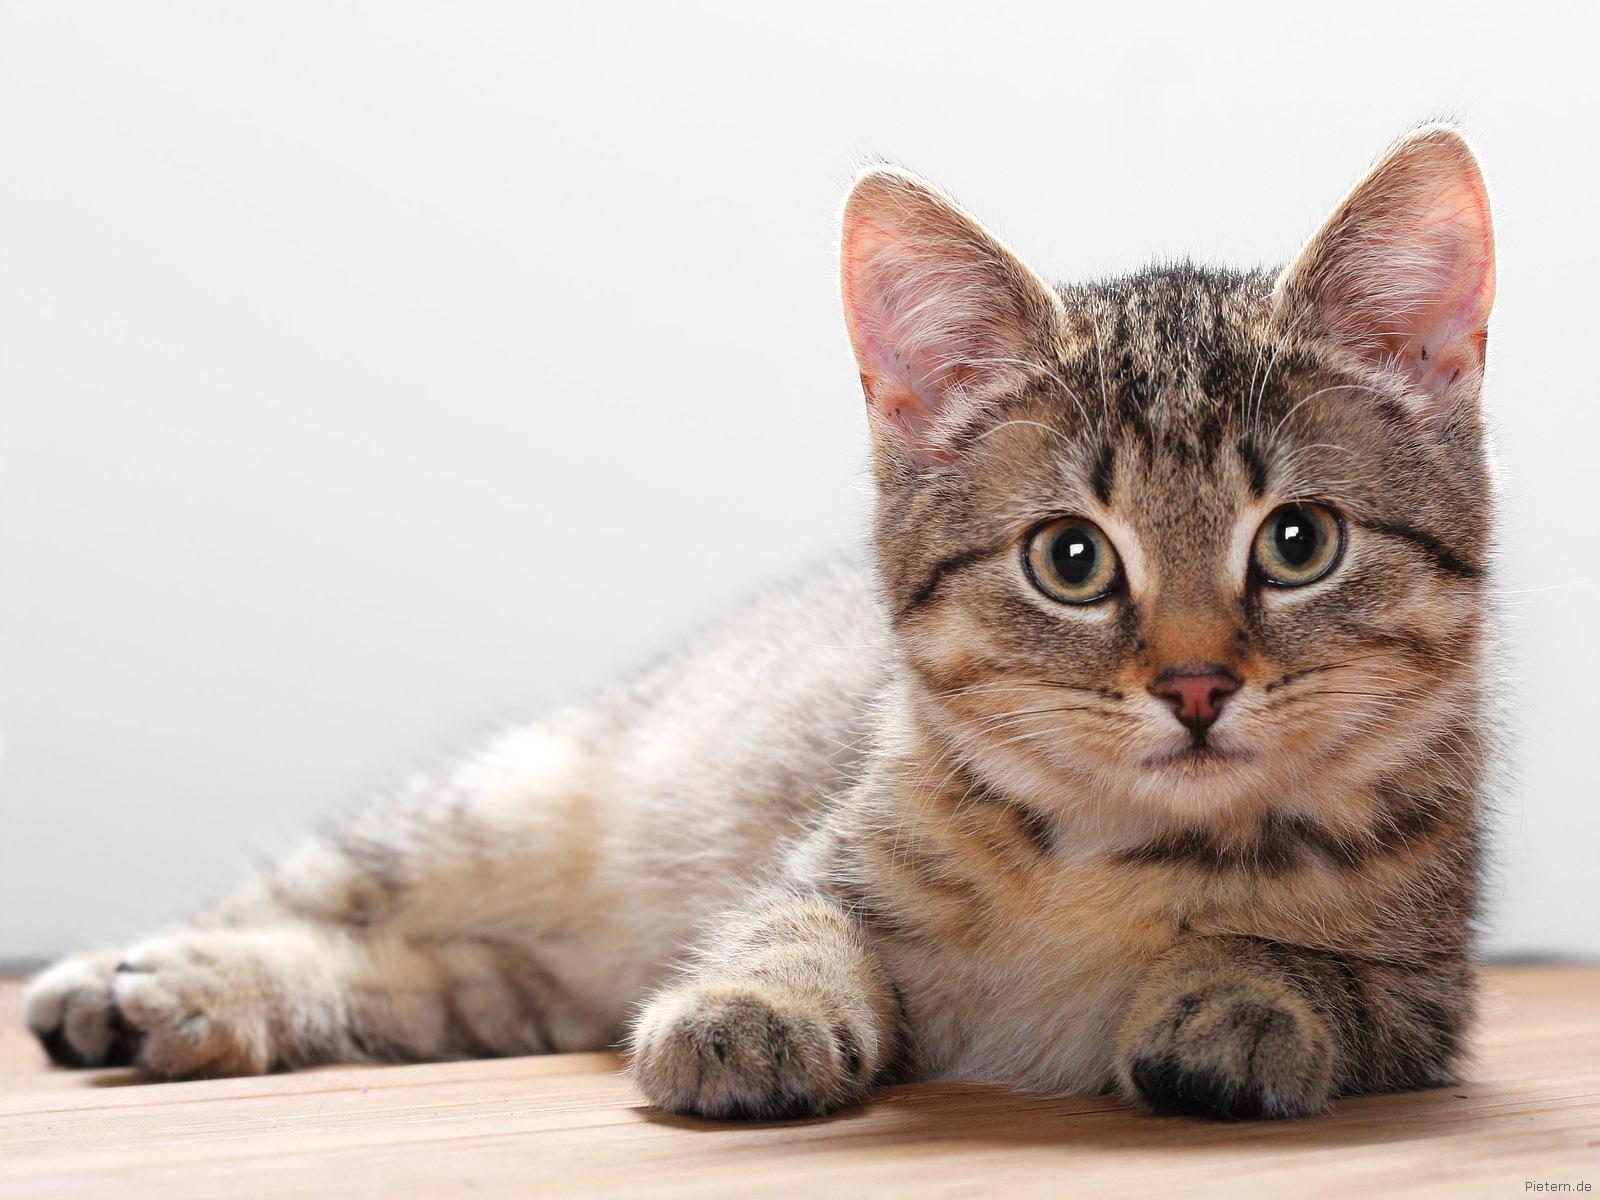 http://2.bp.blogspot.com/-HIAVq9yEZqU/T-bDmxAwbmI/AAAAAAAAGR0/9BHF-W_K09I/s1600/Cat-wallpaper-22.jpg